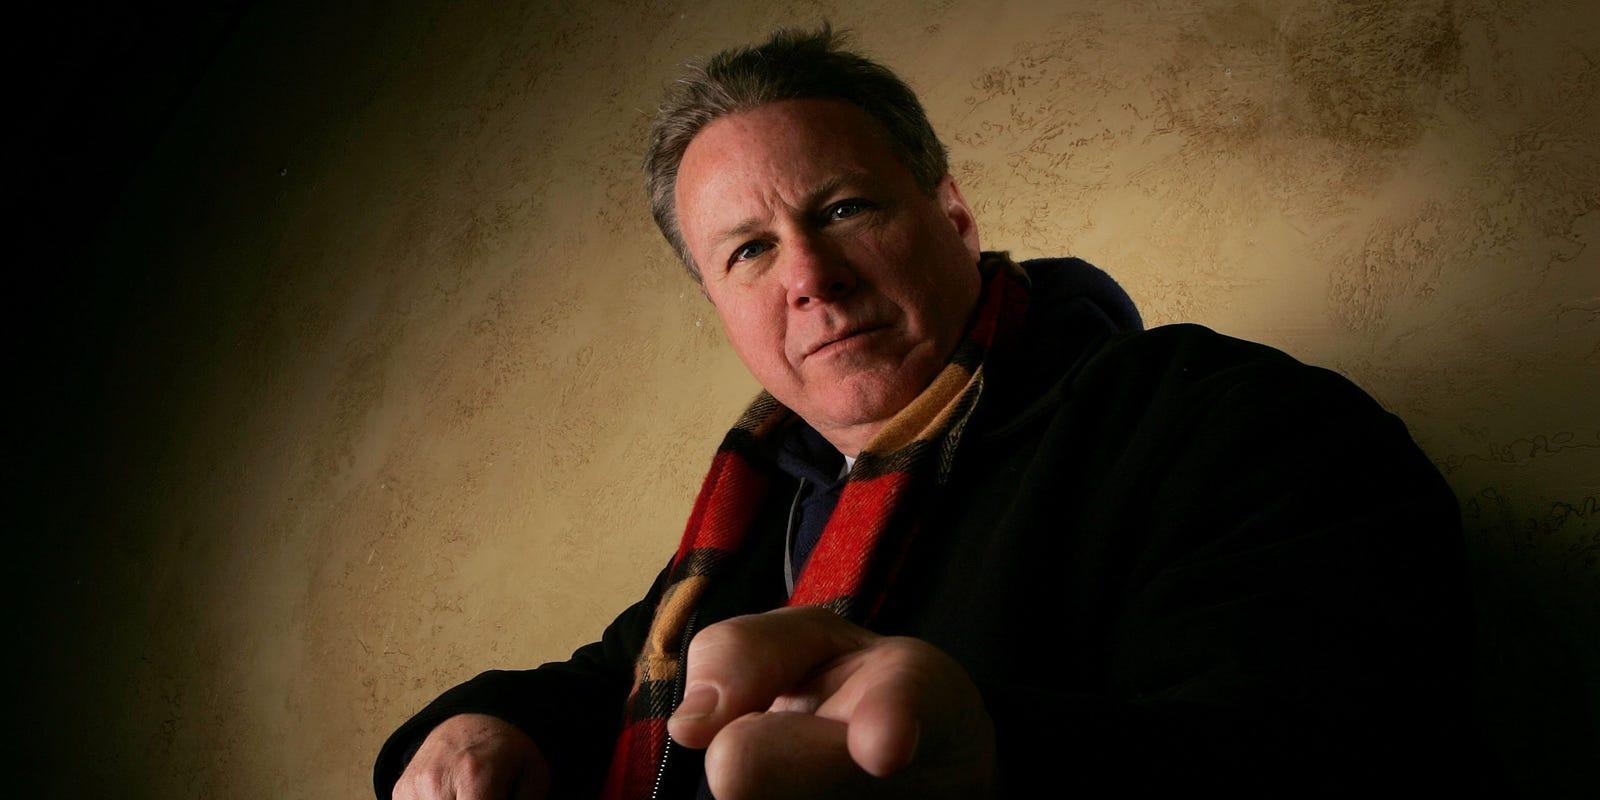 efda9413271 actor john heard dies home alone celebrity deaths